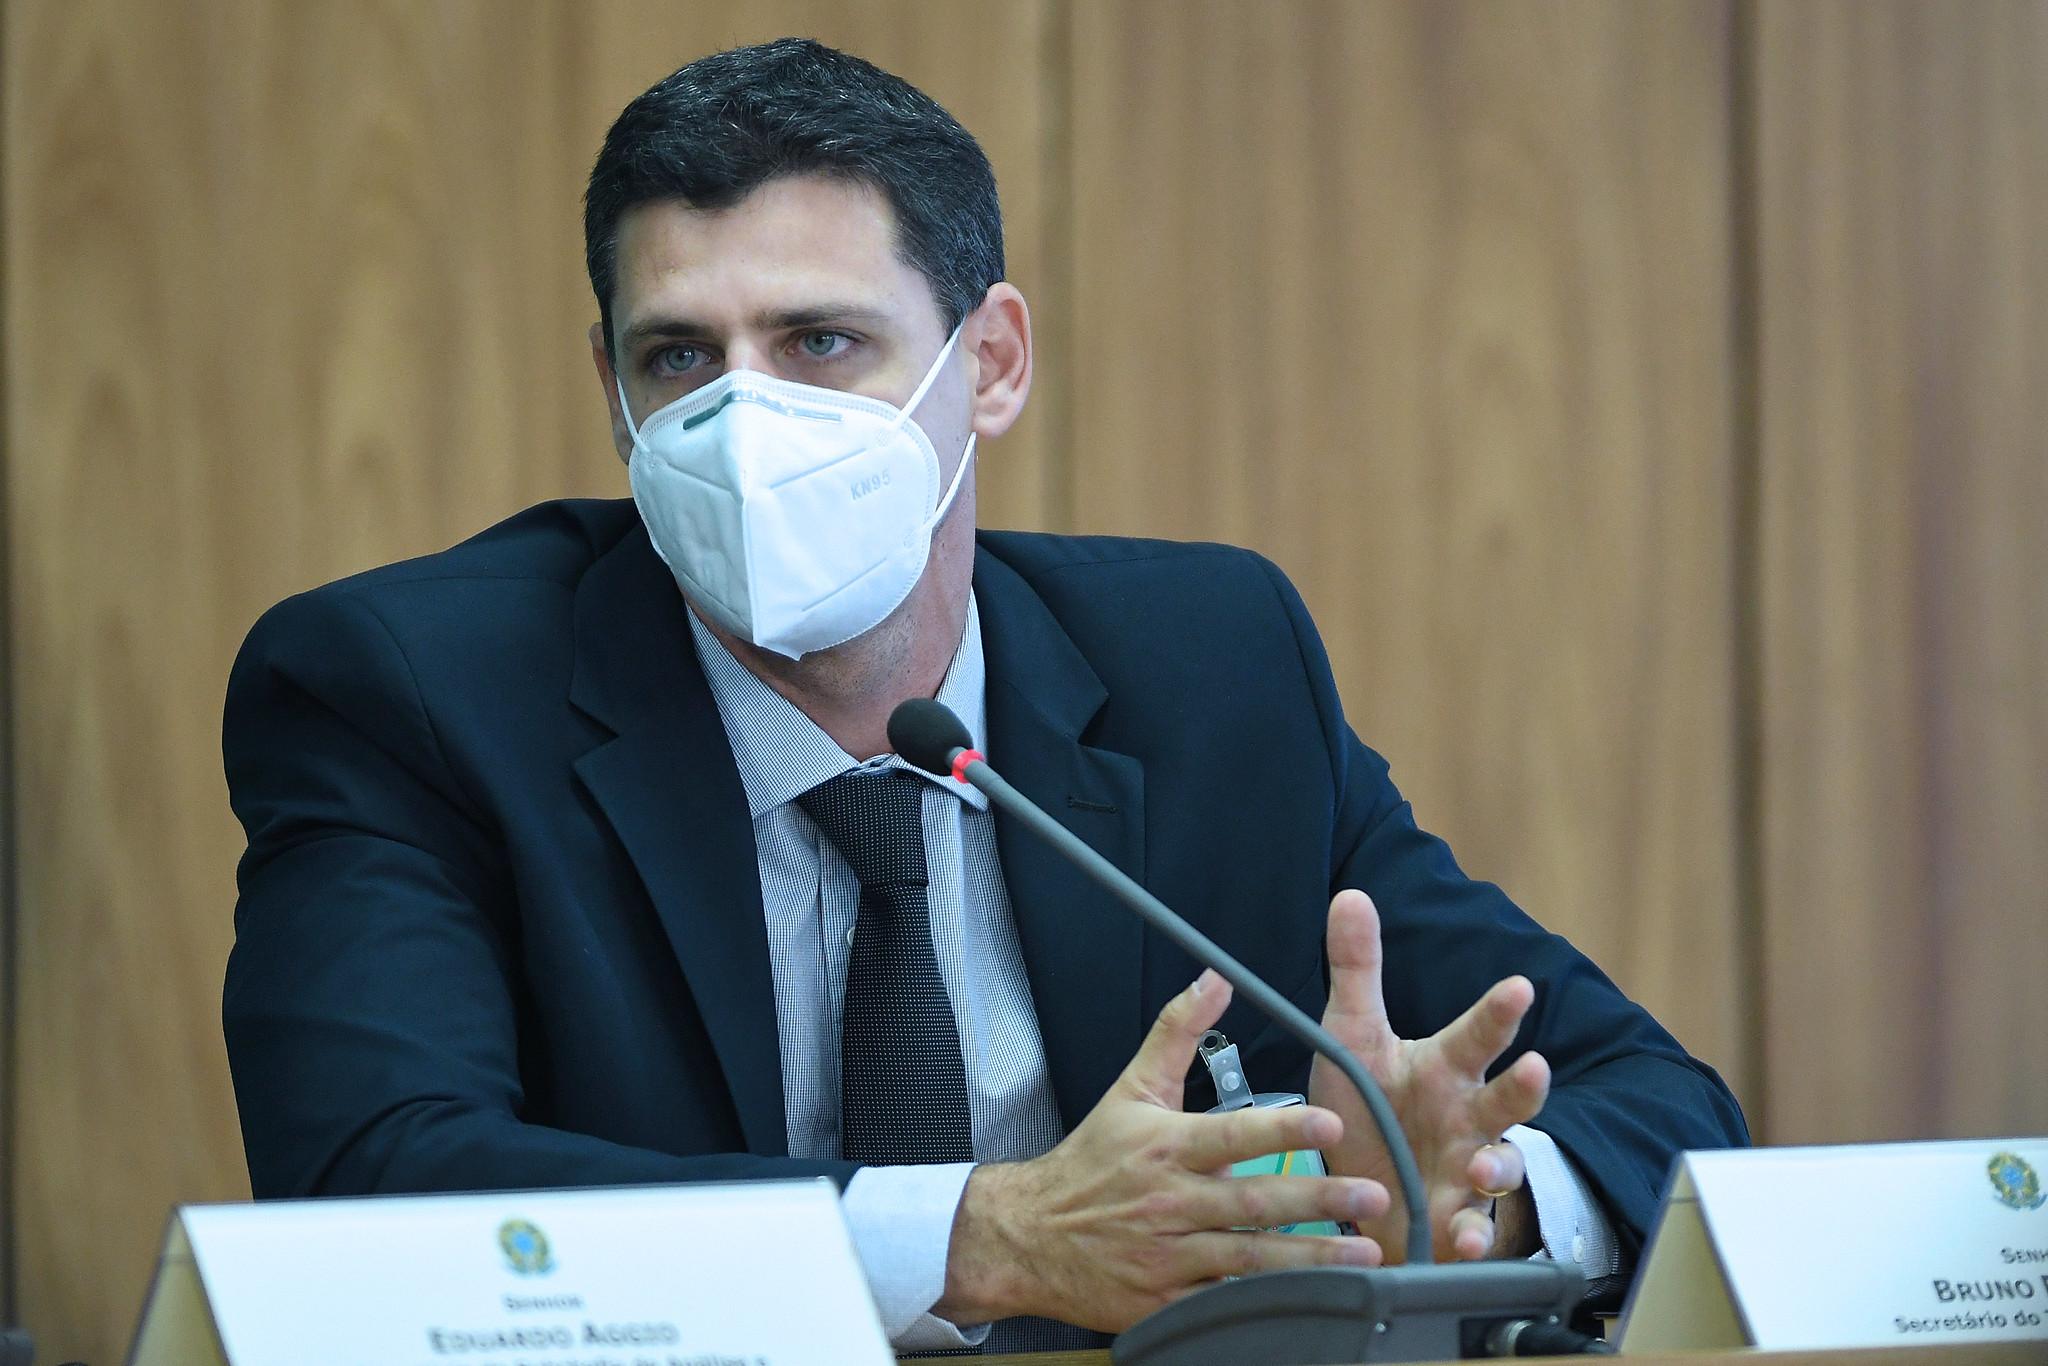 IMAGEM: Reforma do IR tira R$ 20 bilhões da União, diz secretário do Tesouro